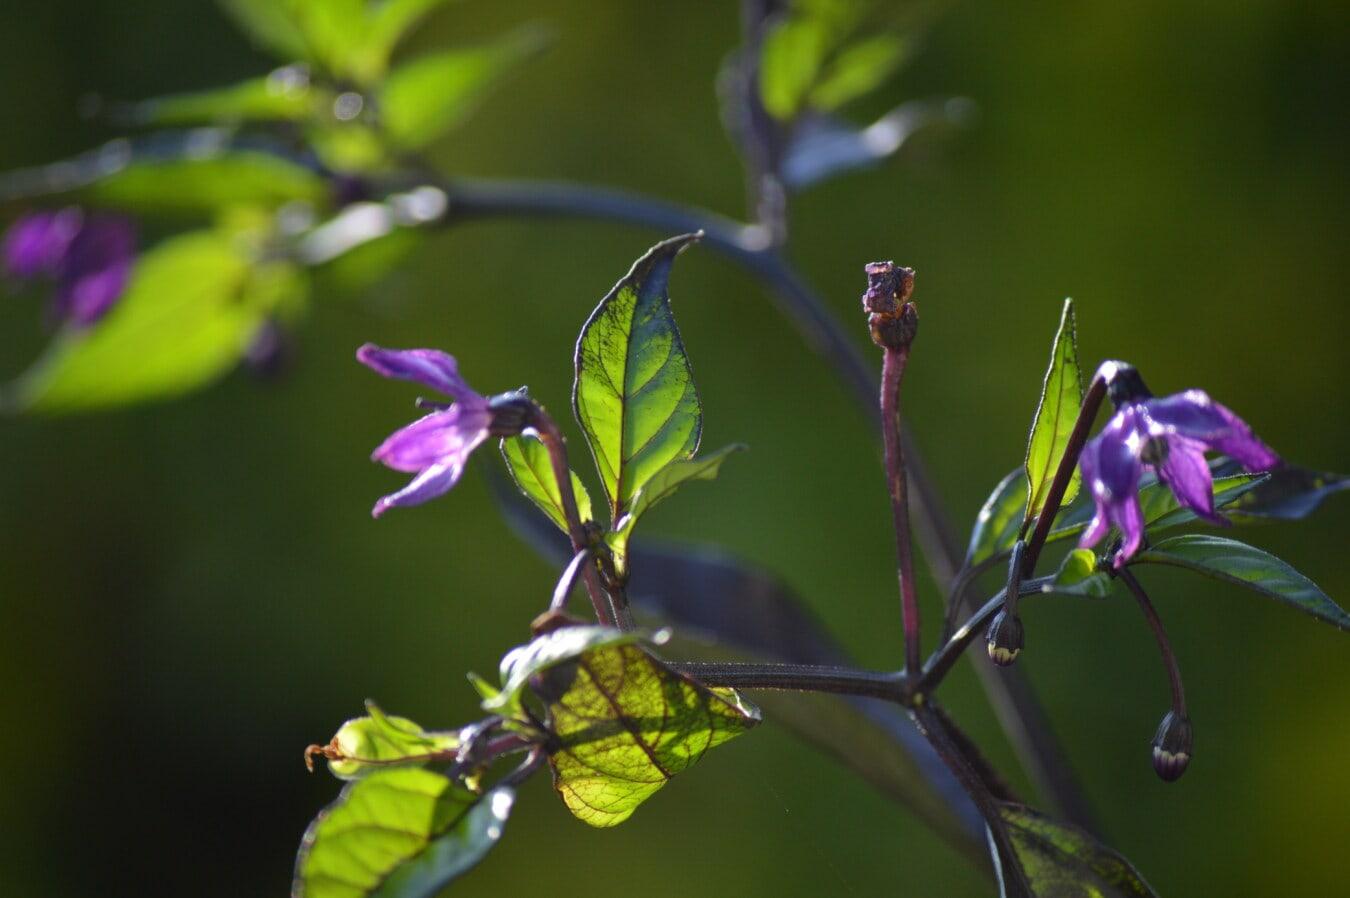 fleurs sauvages, violacé, botanique, tige, herbe, fleur, nature, jardin, plante, feuille